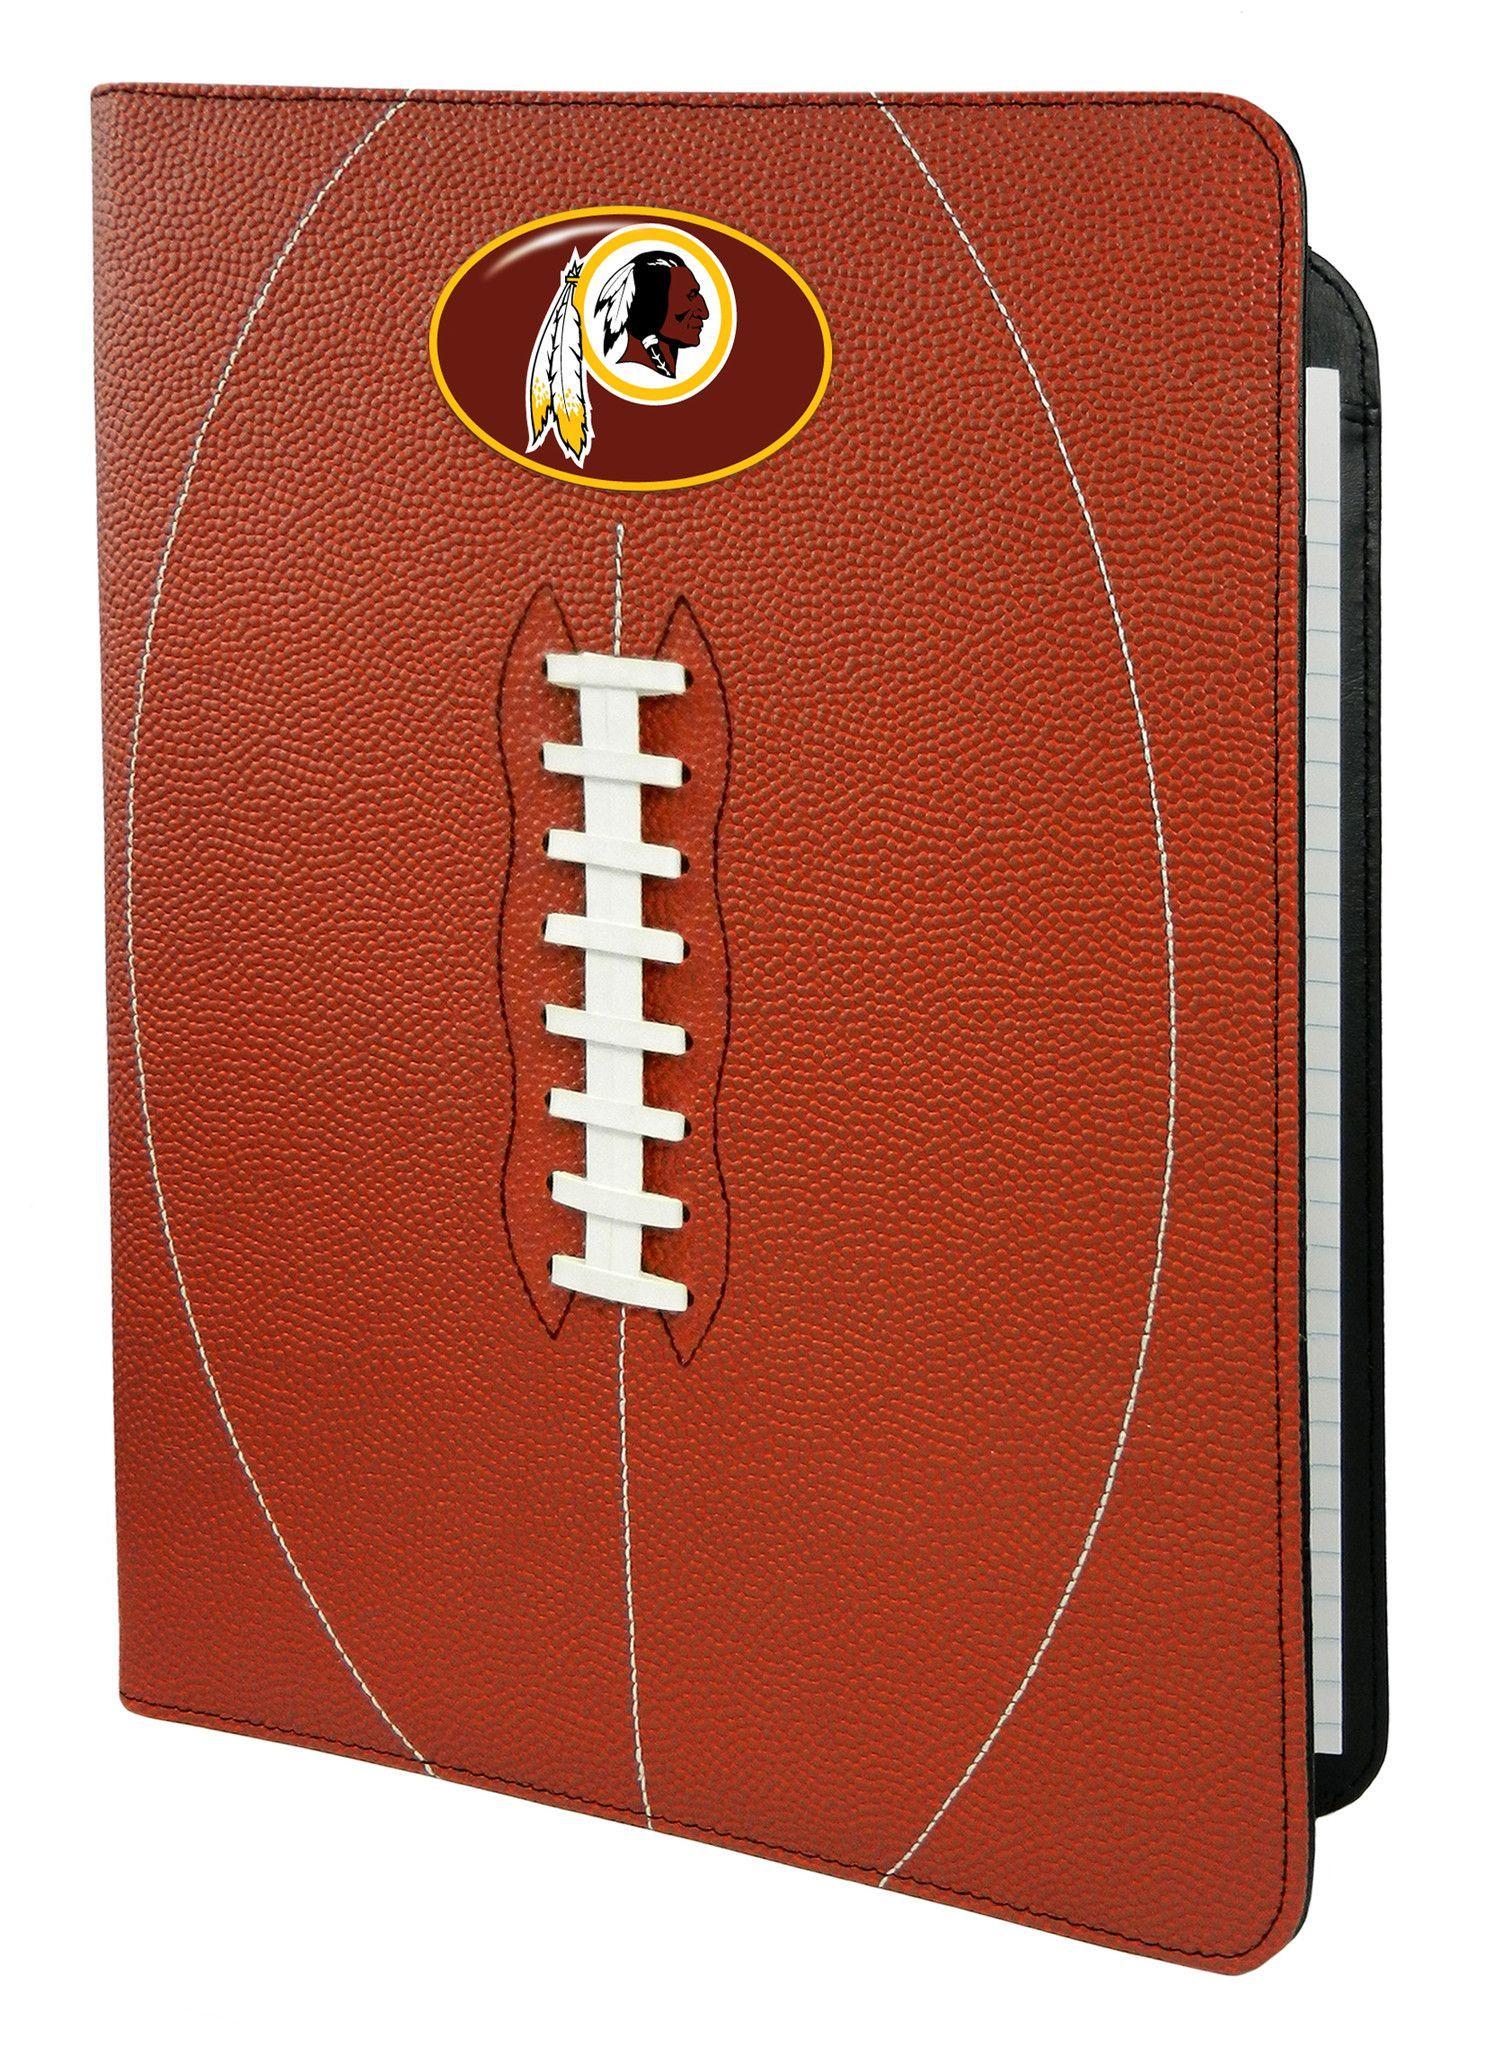 b7ddf671 Washington Redskins Classic NFL Football Portfolio - 8.5 in x 11 in ...